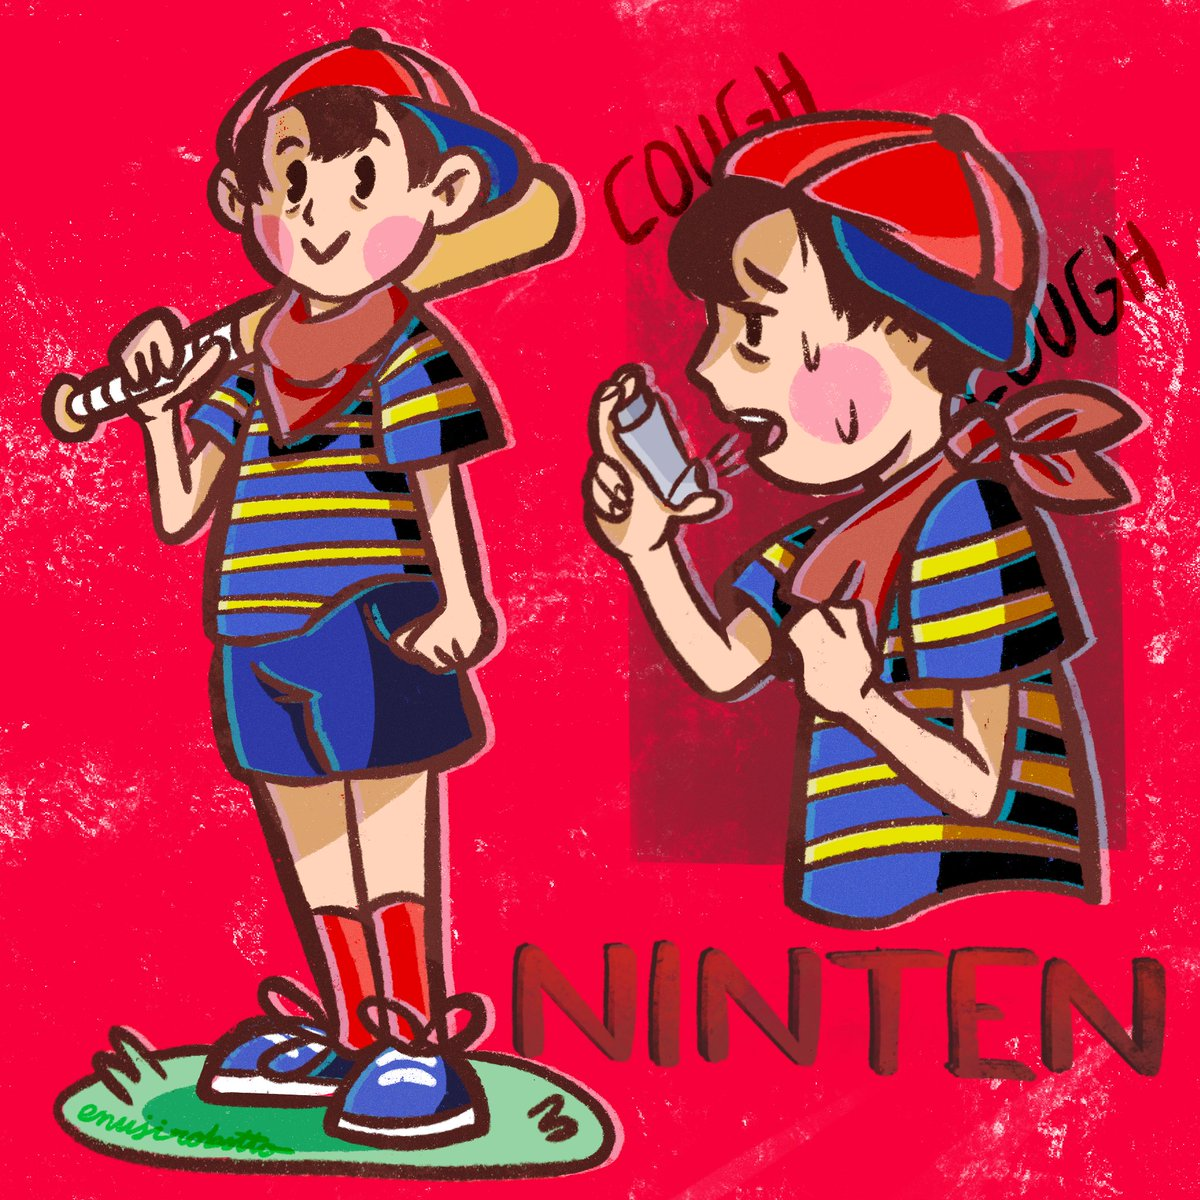 ninten - Twitter Search